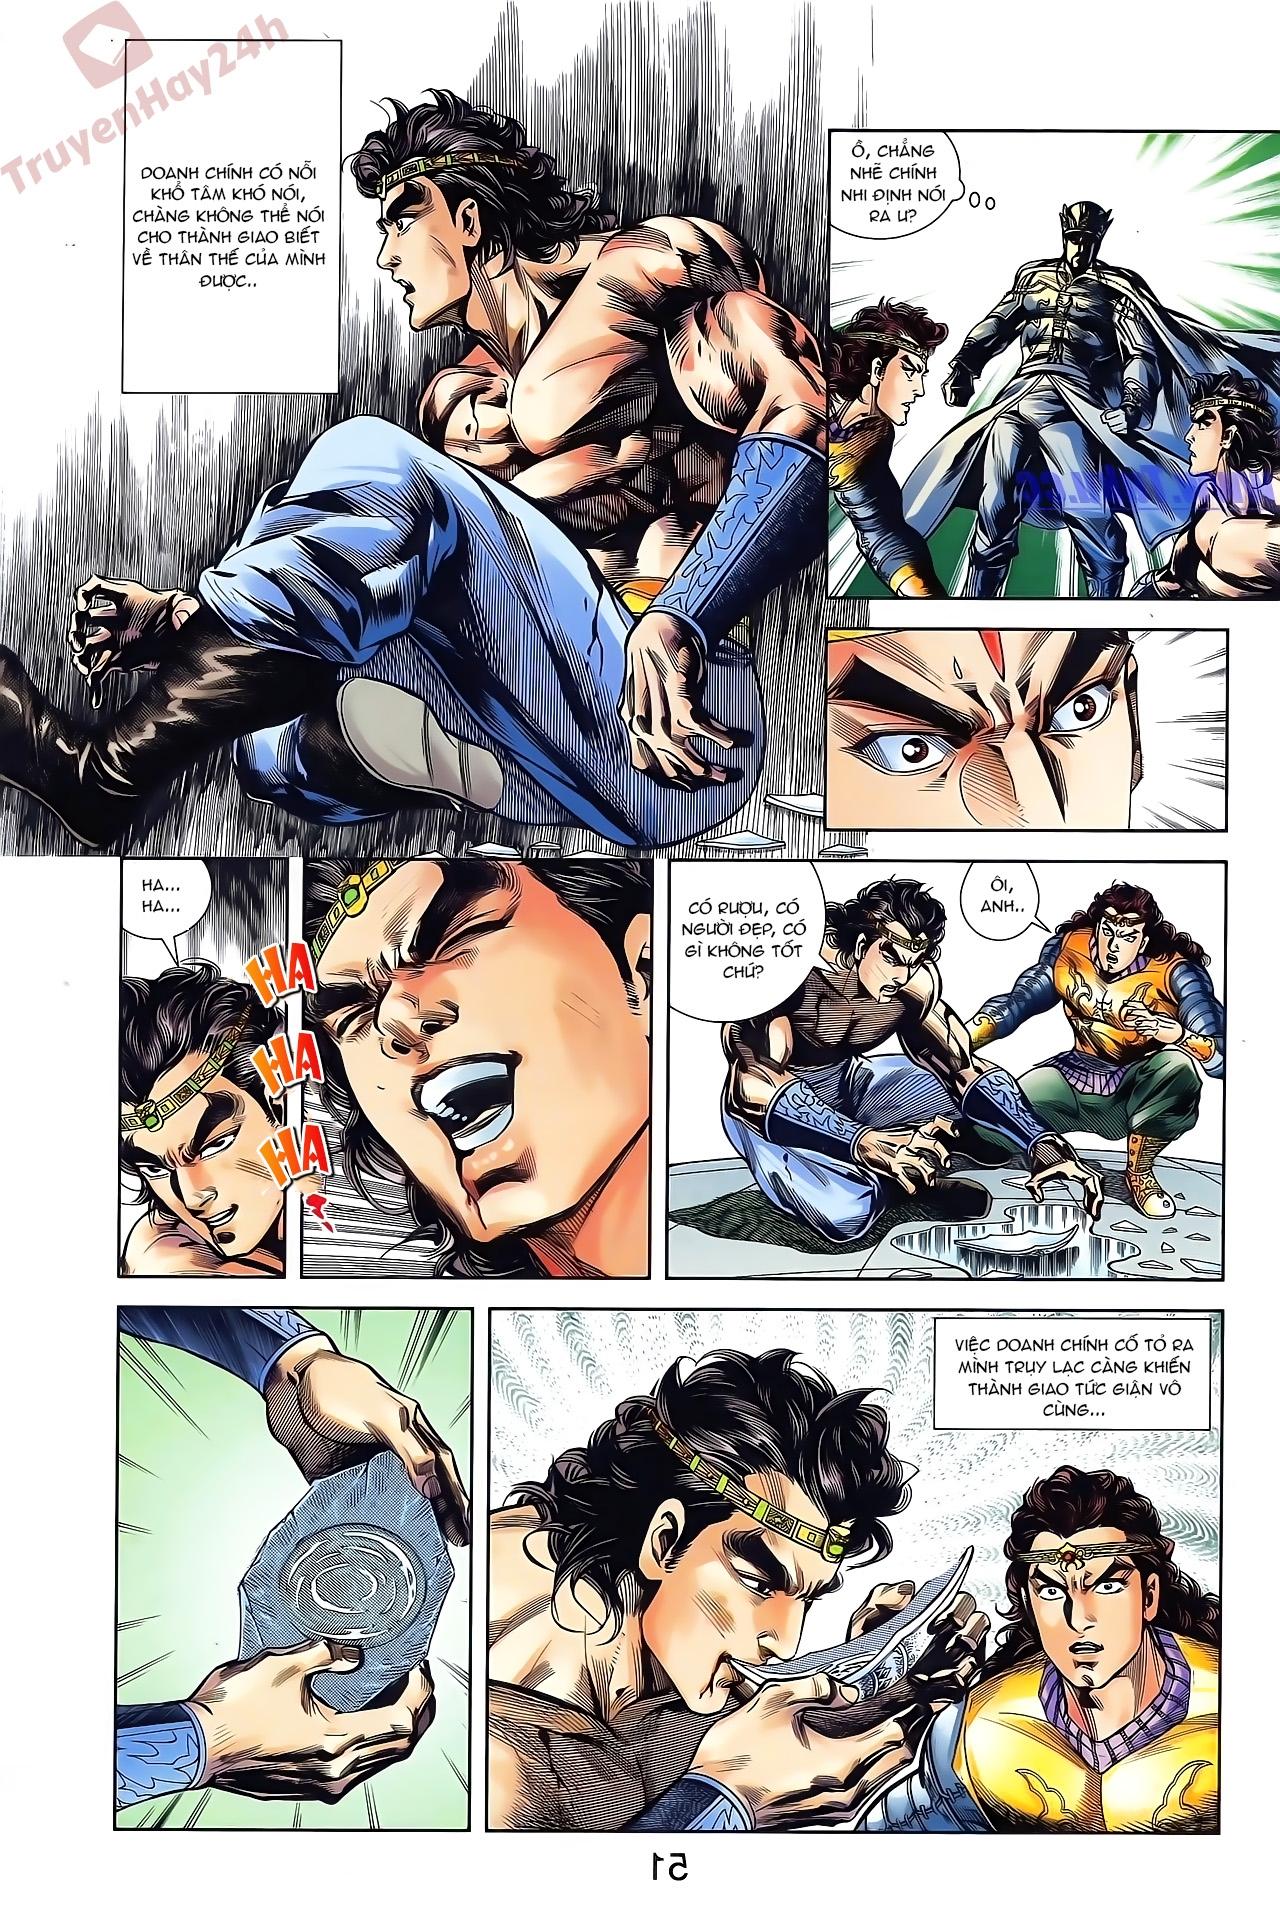 Tần Vương Doanh Chính chapter 44 trang 3